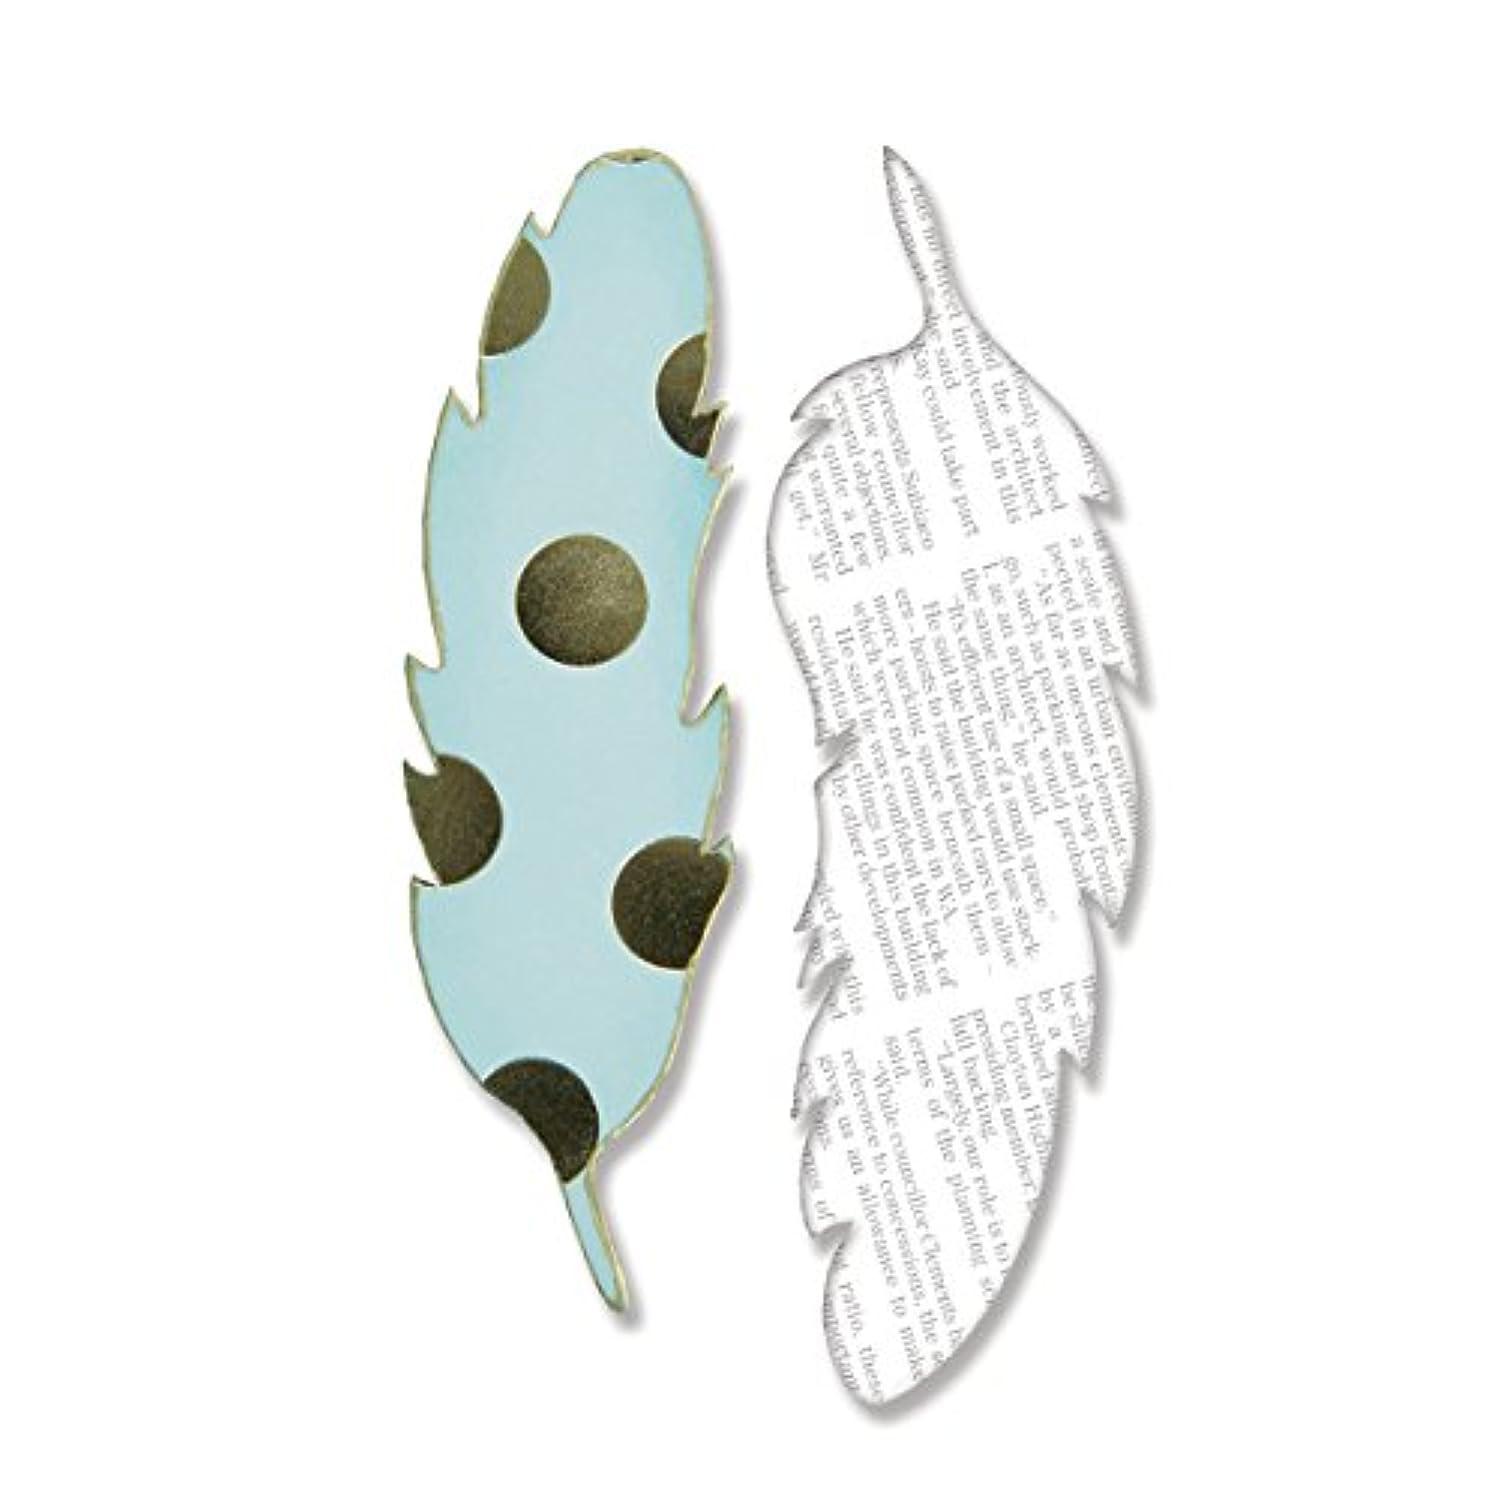 Spellbinders Birds of a Feather Contour Steel Rule Die